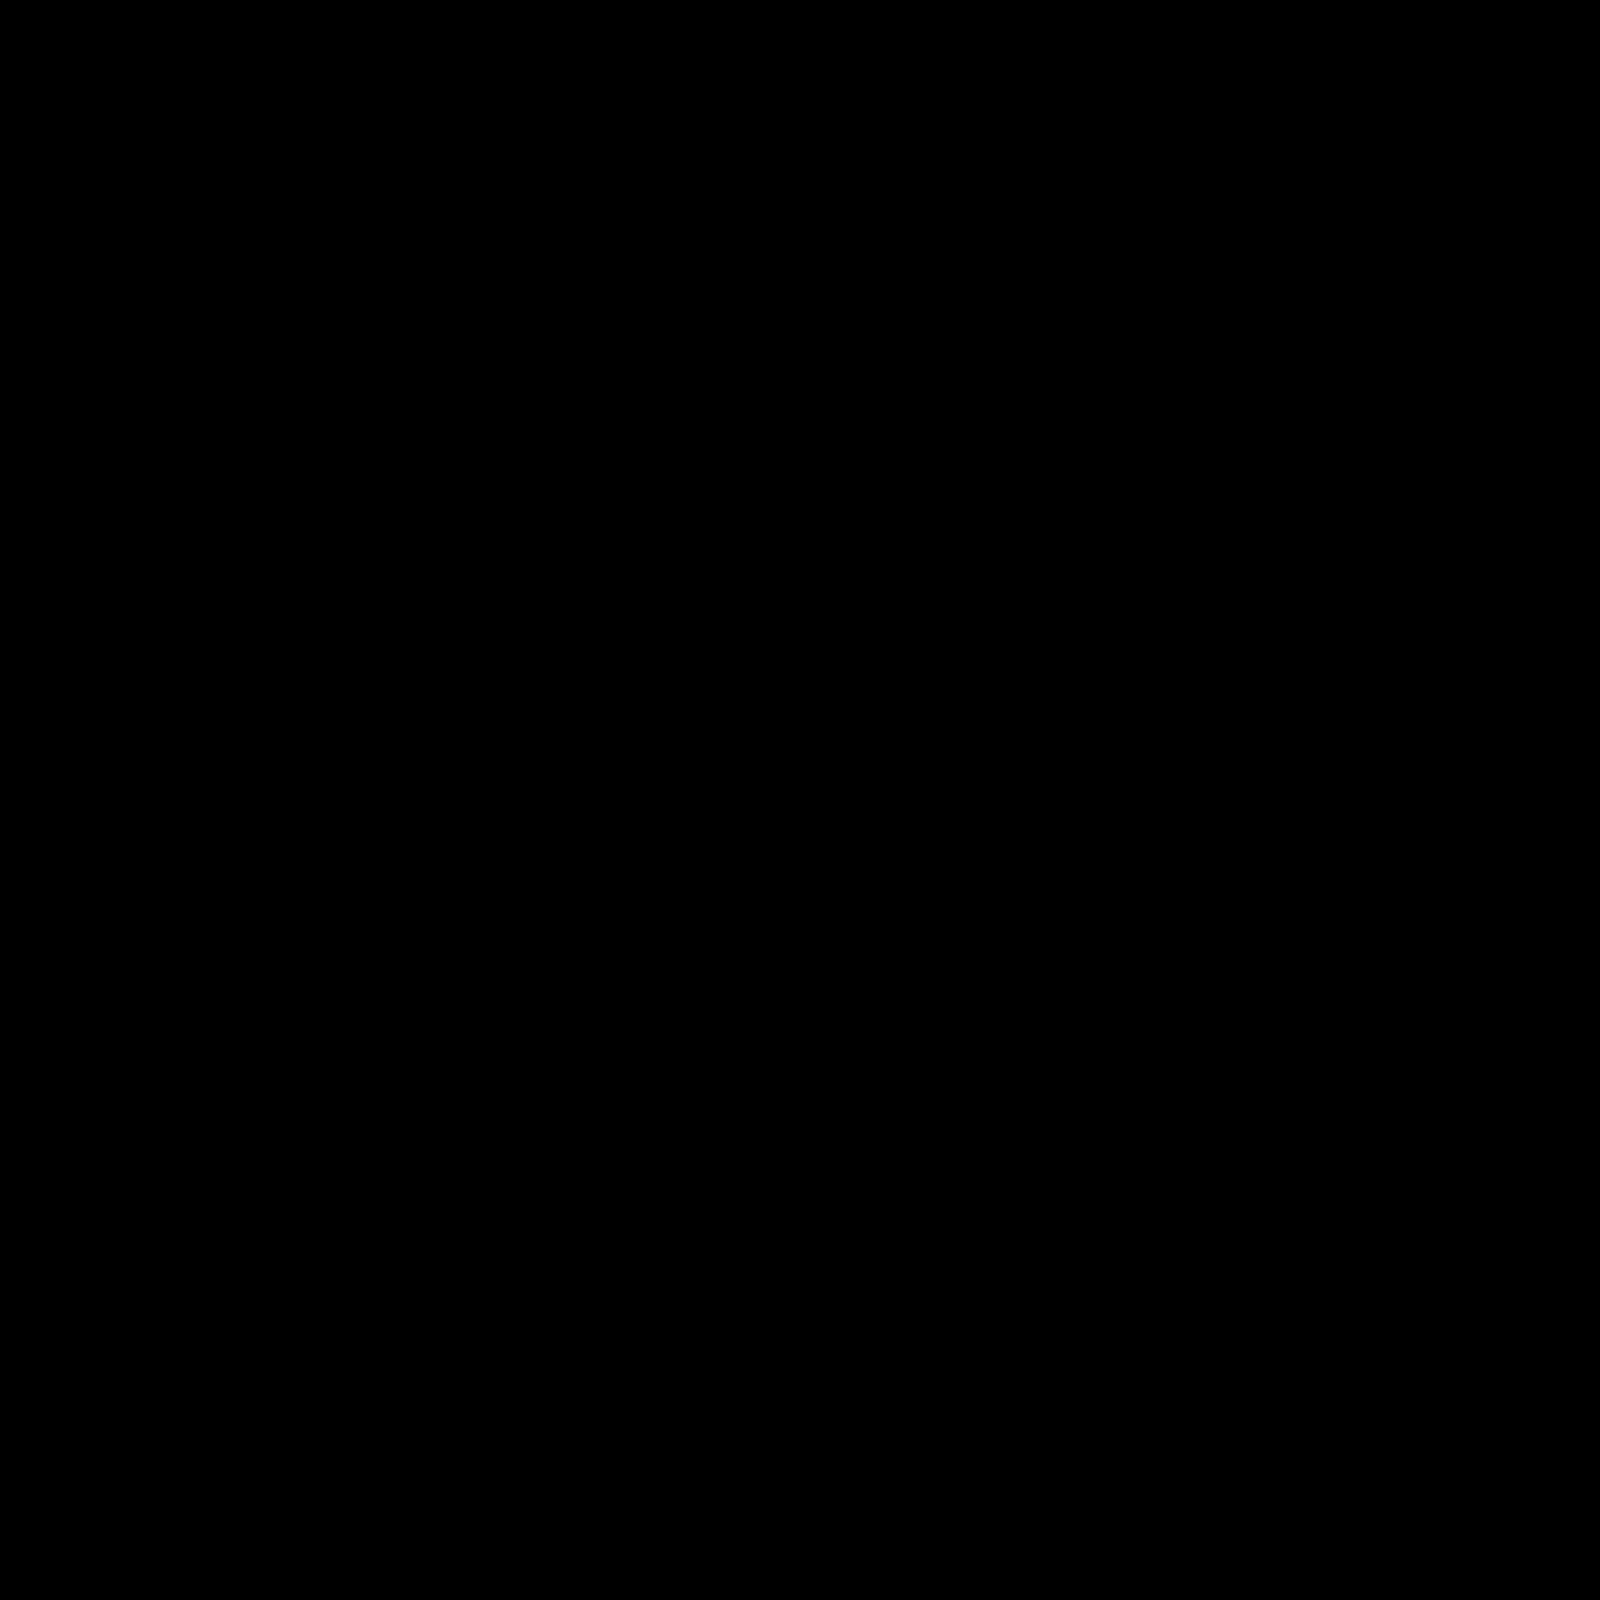 Селектор коробки передач icon